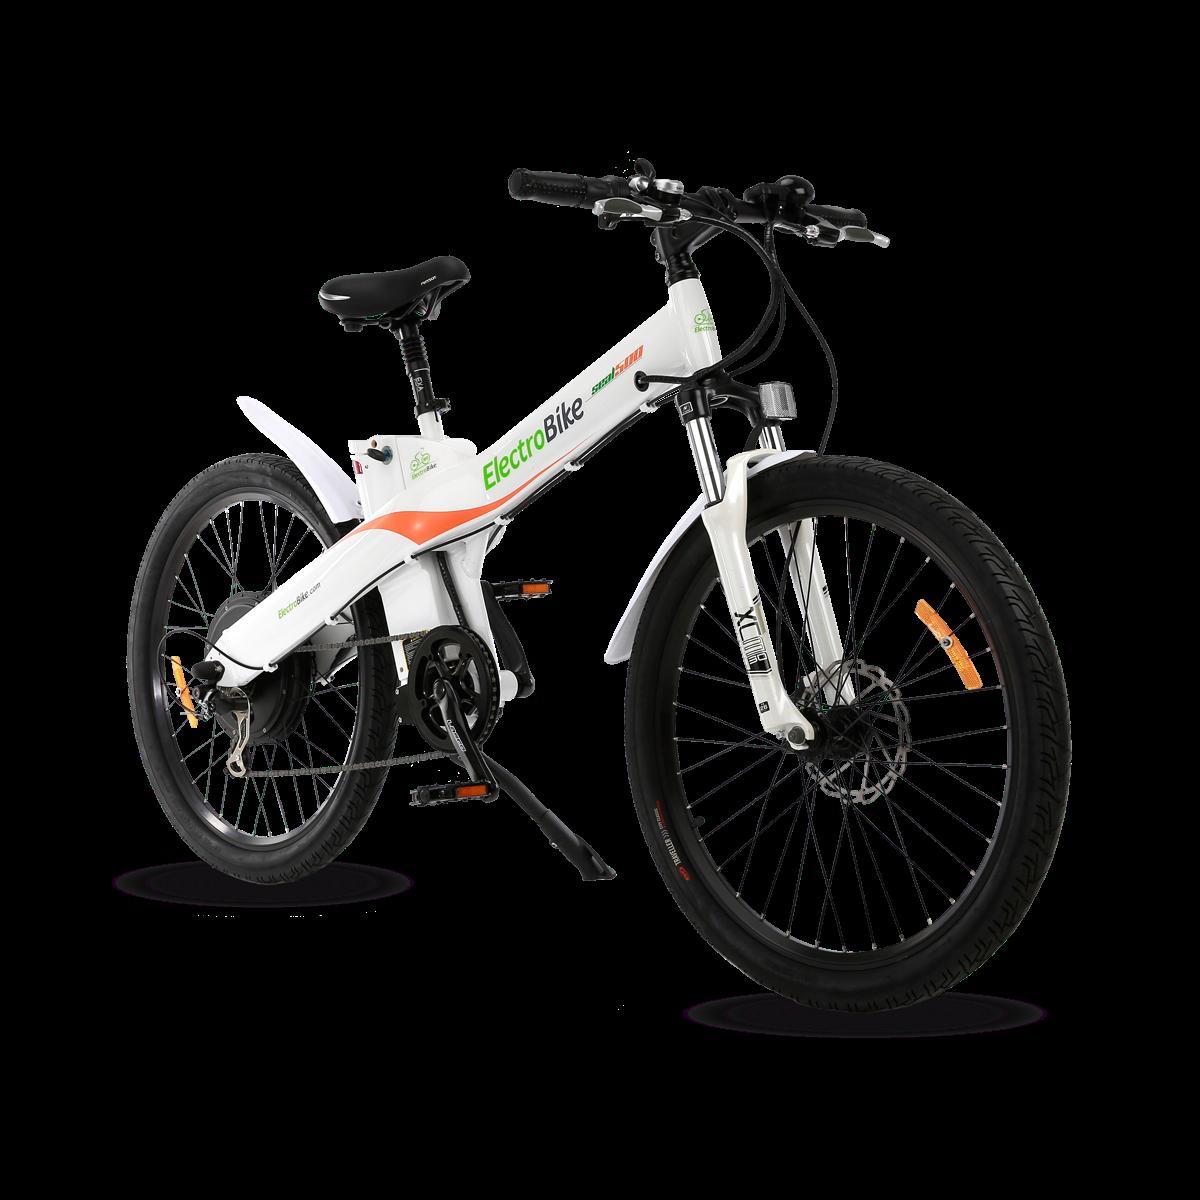 Seal 500w All Purpose Electric Bike Motor 500 W Range 20 30 Mi